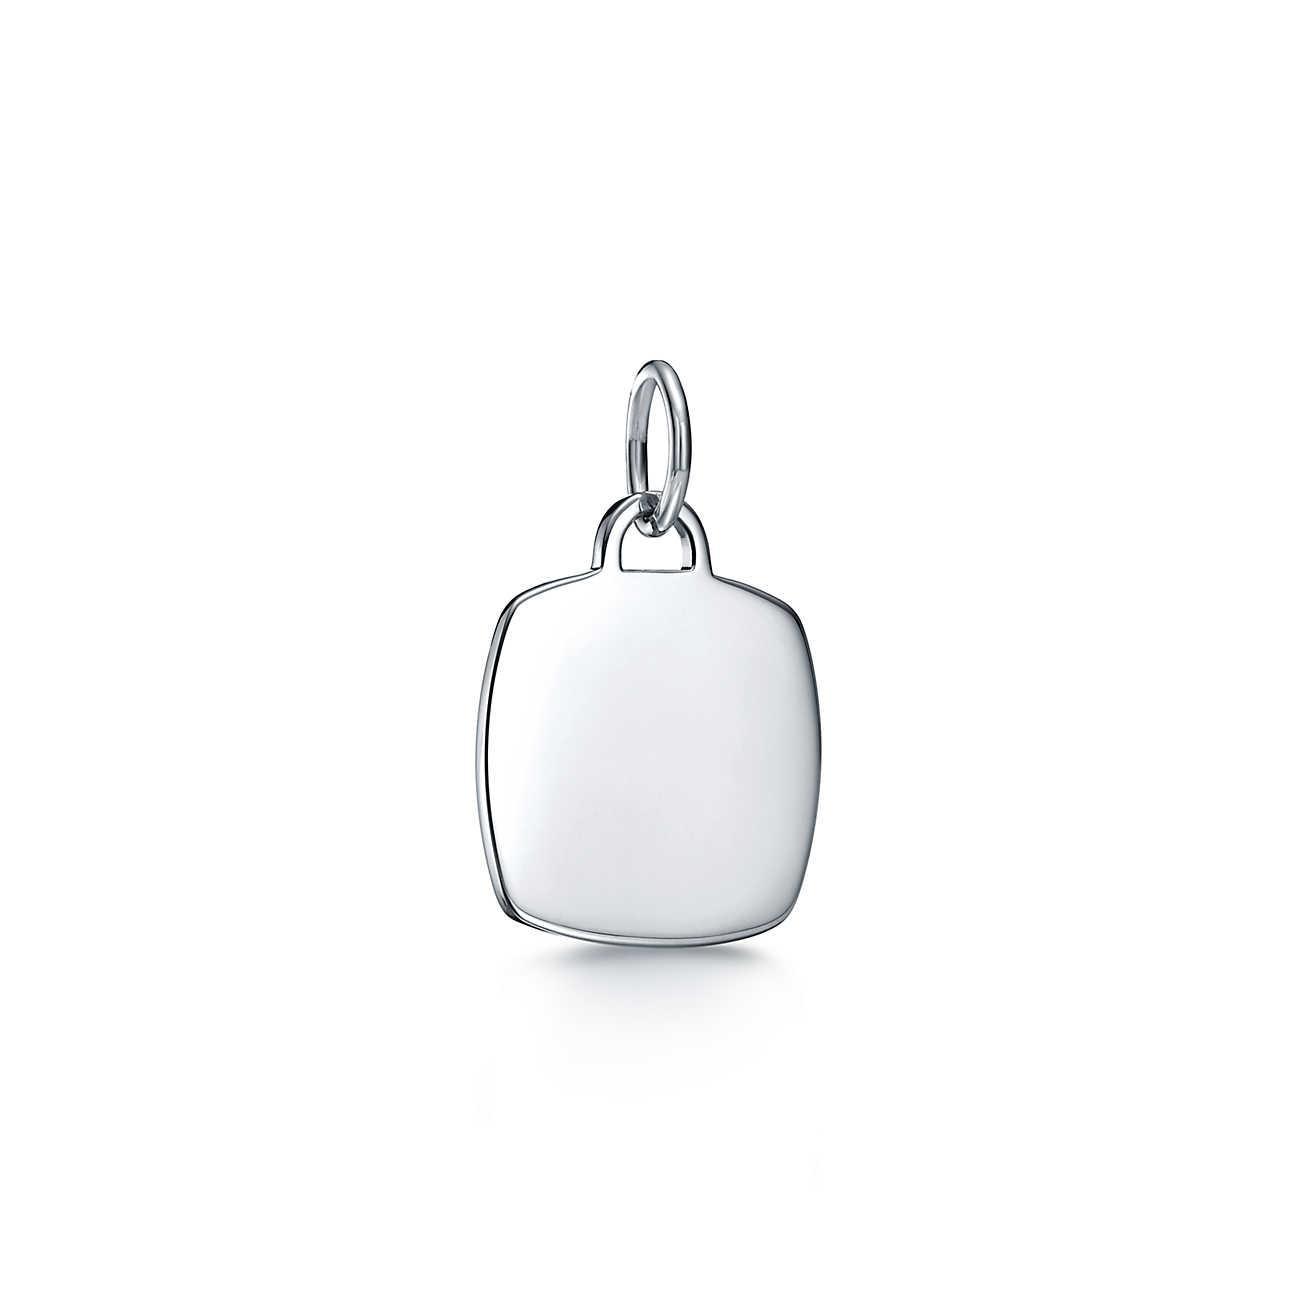 80cc507eddb4 Tiffany   Co. Tiffany Charms Cushion Tag Charm In Sterling Silver ...